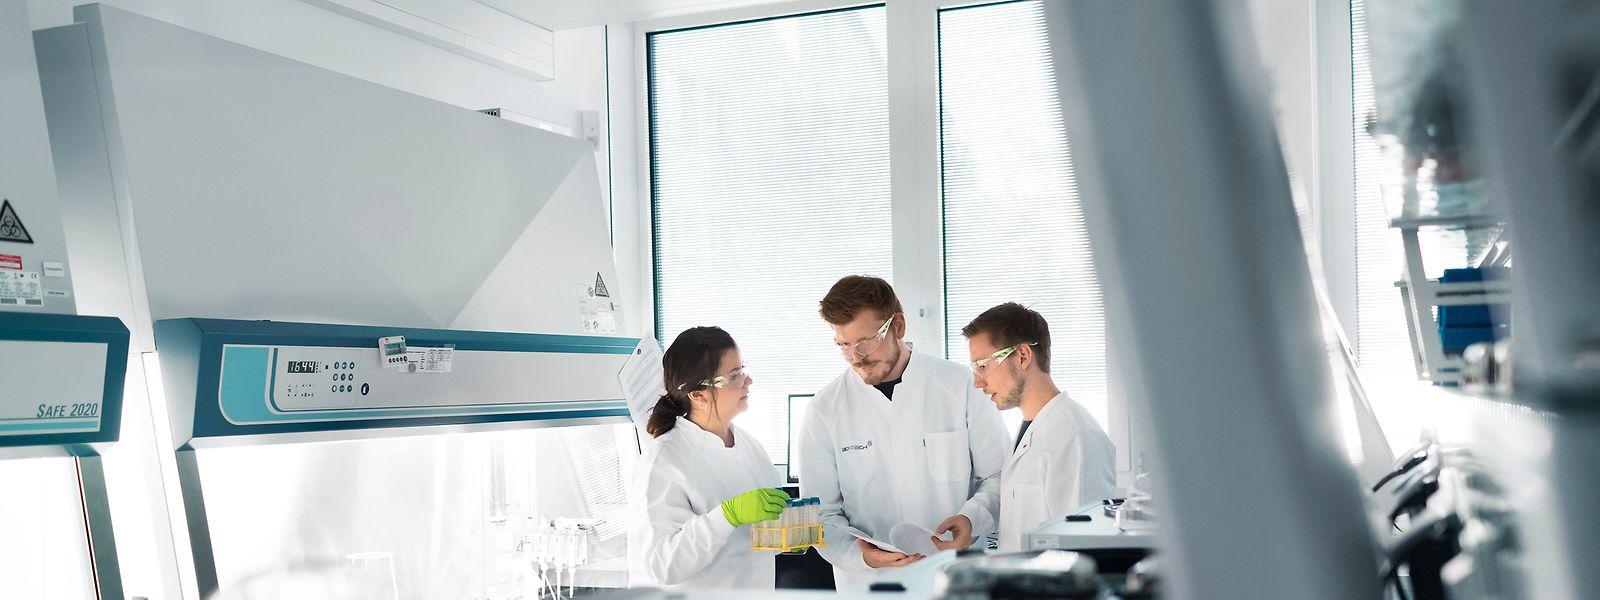 Mitarbeiter des Biotechnologie-Unternehmens Biontech beraten sich im Labor.